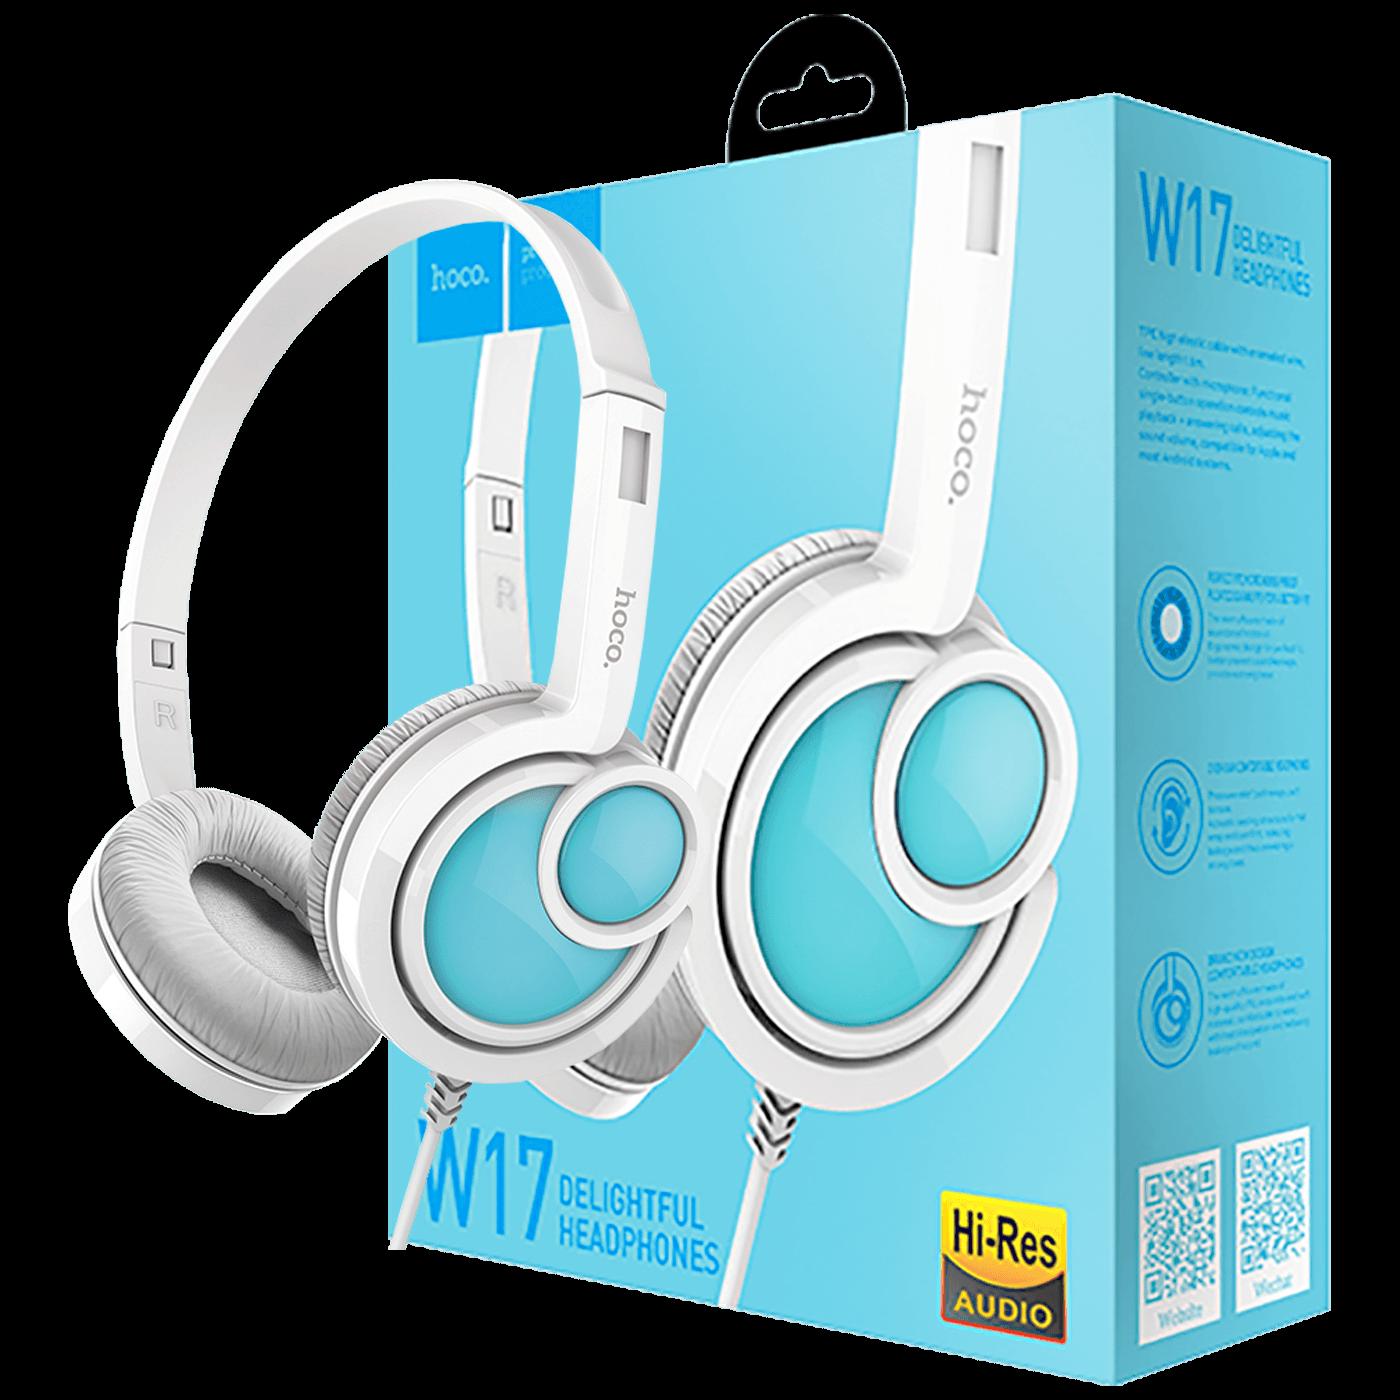 hoco. - W17 Delightful Headphones MIC WH